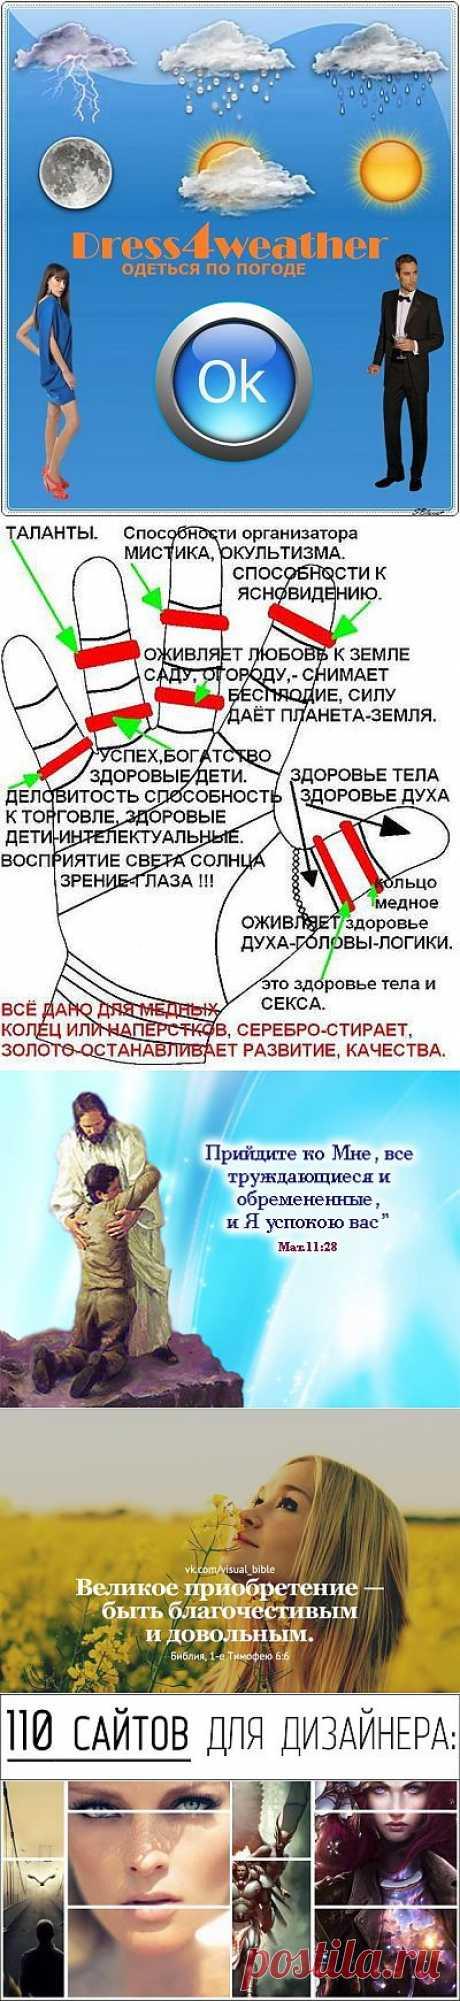 полезные сайты | Записи в рубрике полезные сайты | Дневник DAMOCHKA-GALOCHKA-mechta